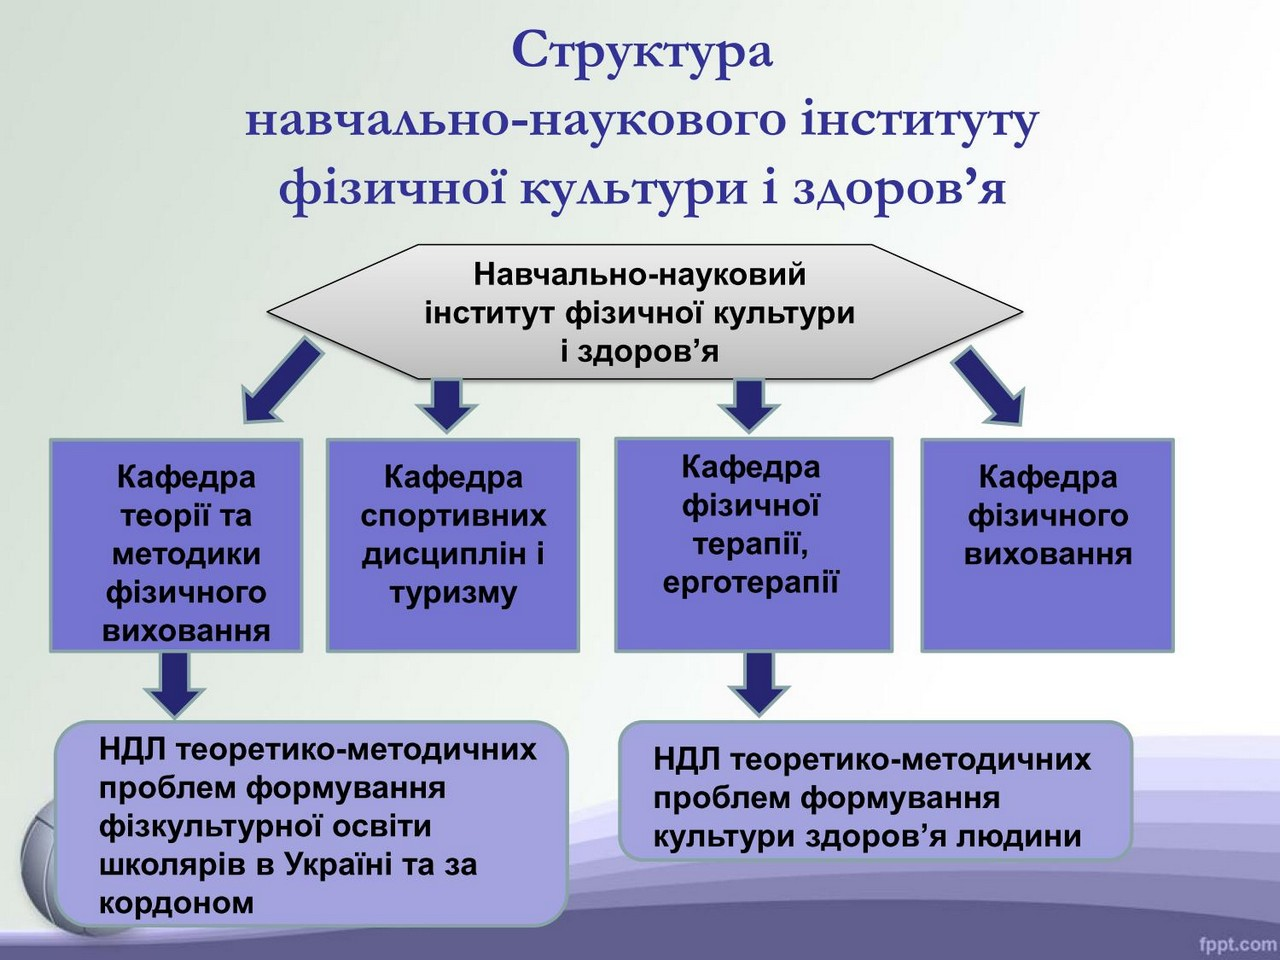 Image05